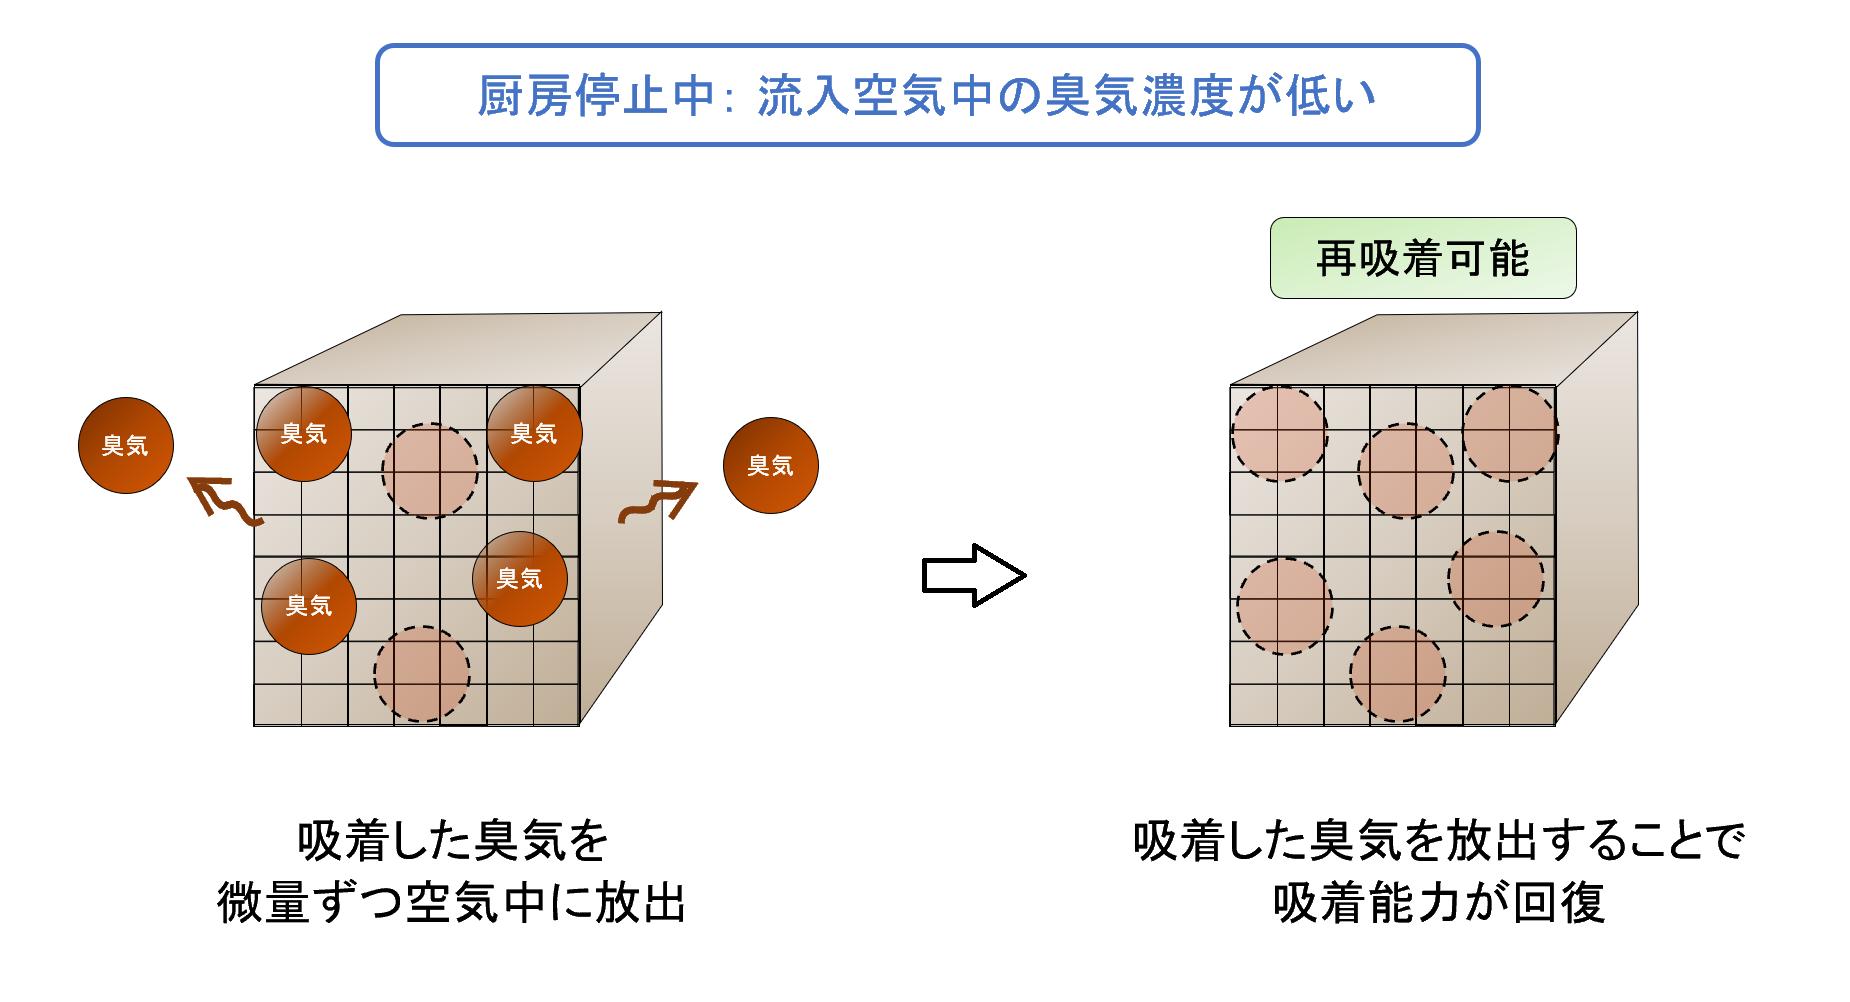 油煙吸着・脱臭材、MGハニカムの動作原理イメージ(2)